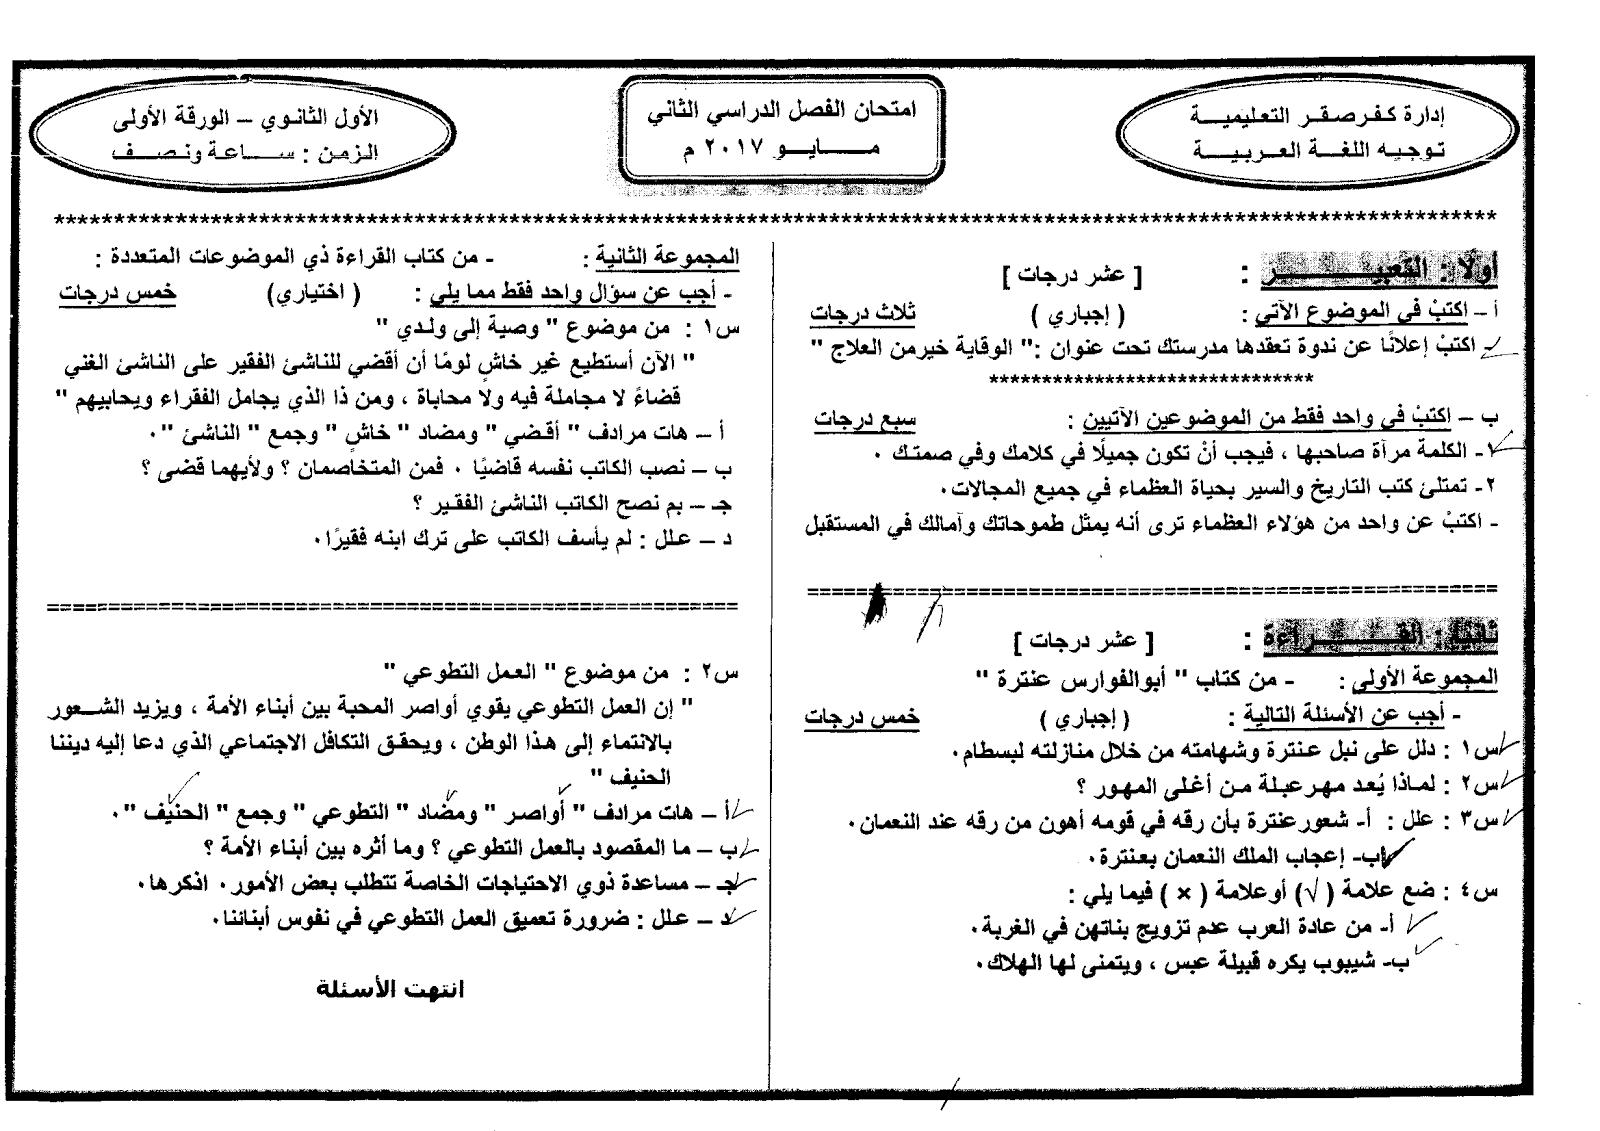 امتحان اللغة العربية بنموذج الاجابة الترم الثانى 2017 ادارة التعليمية